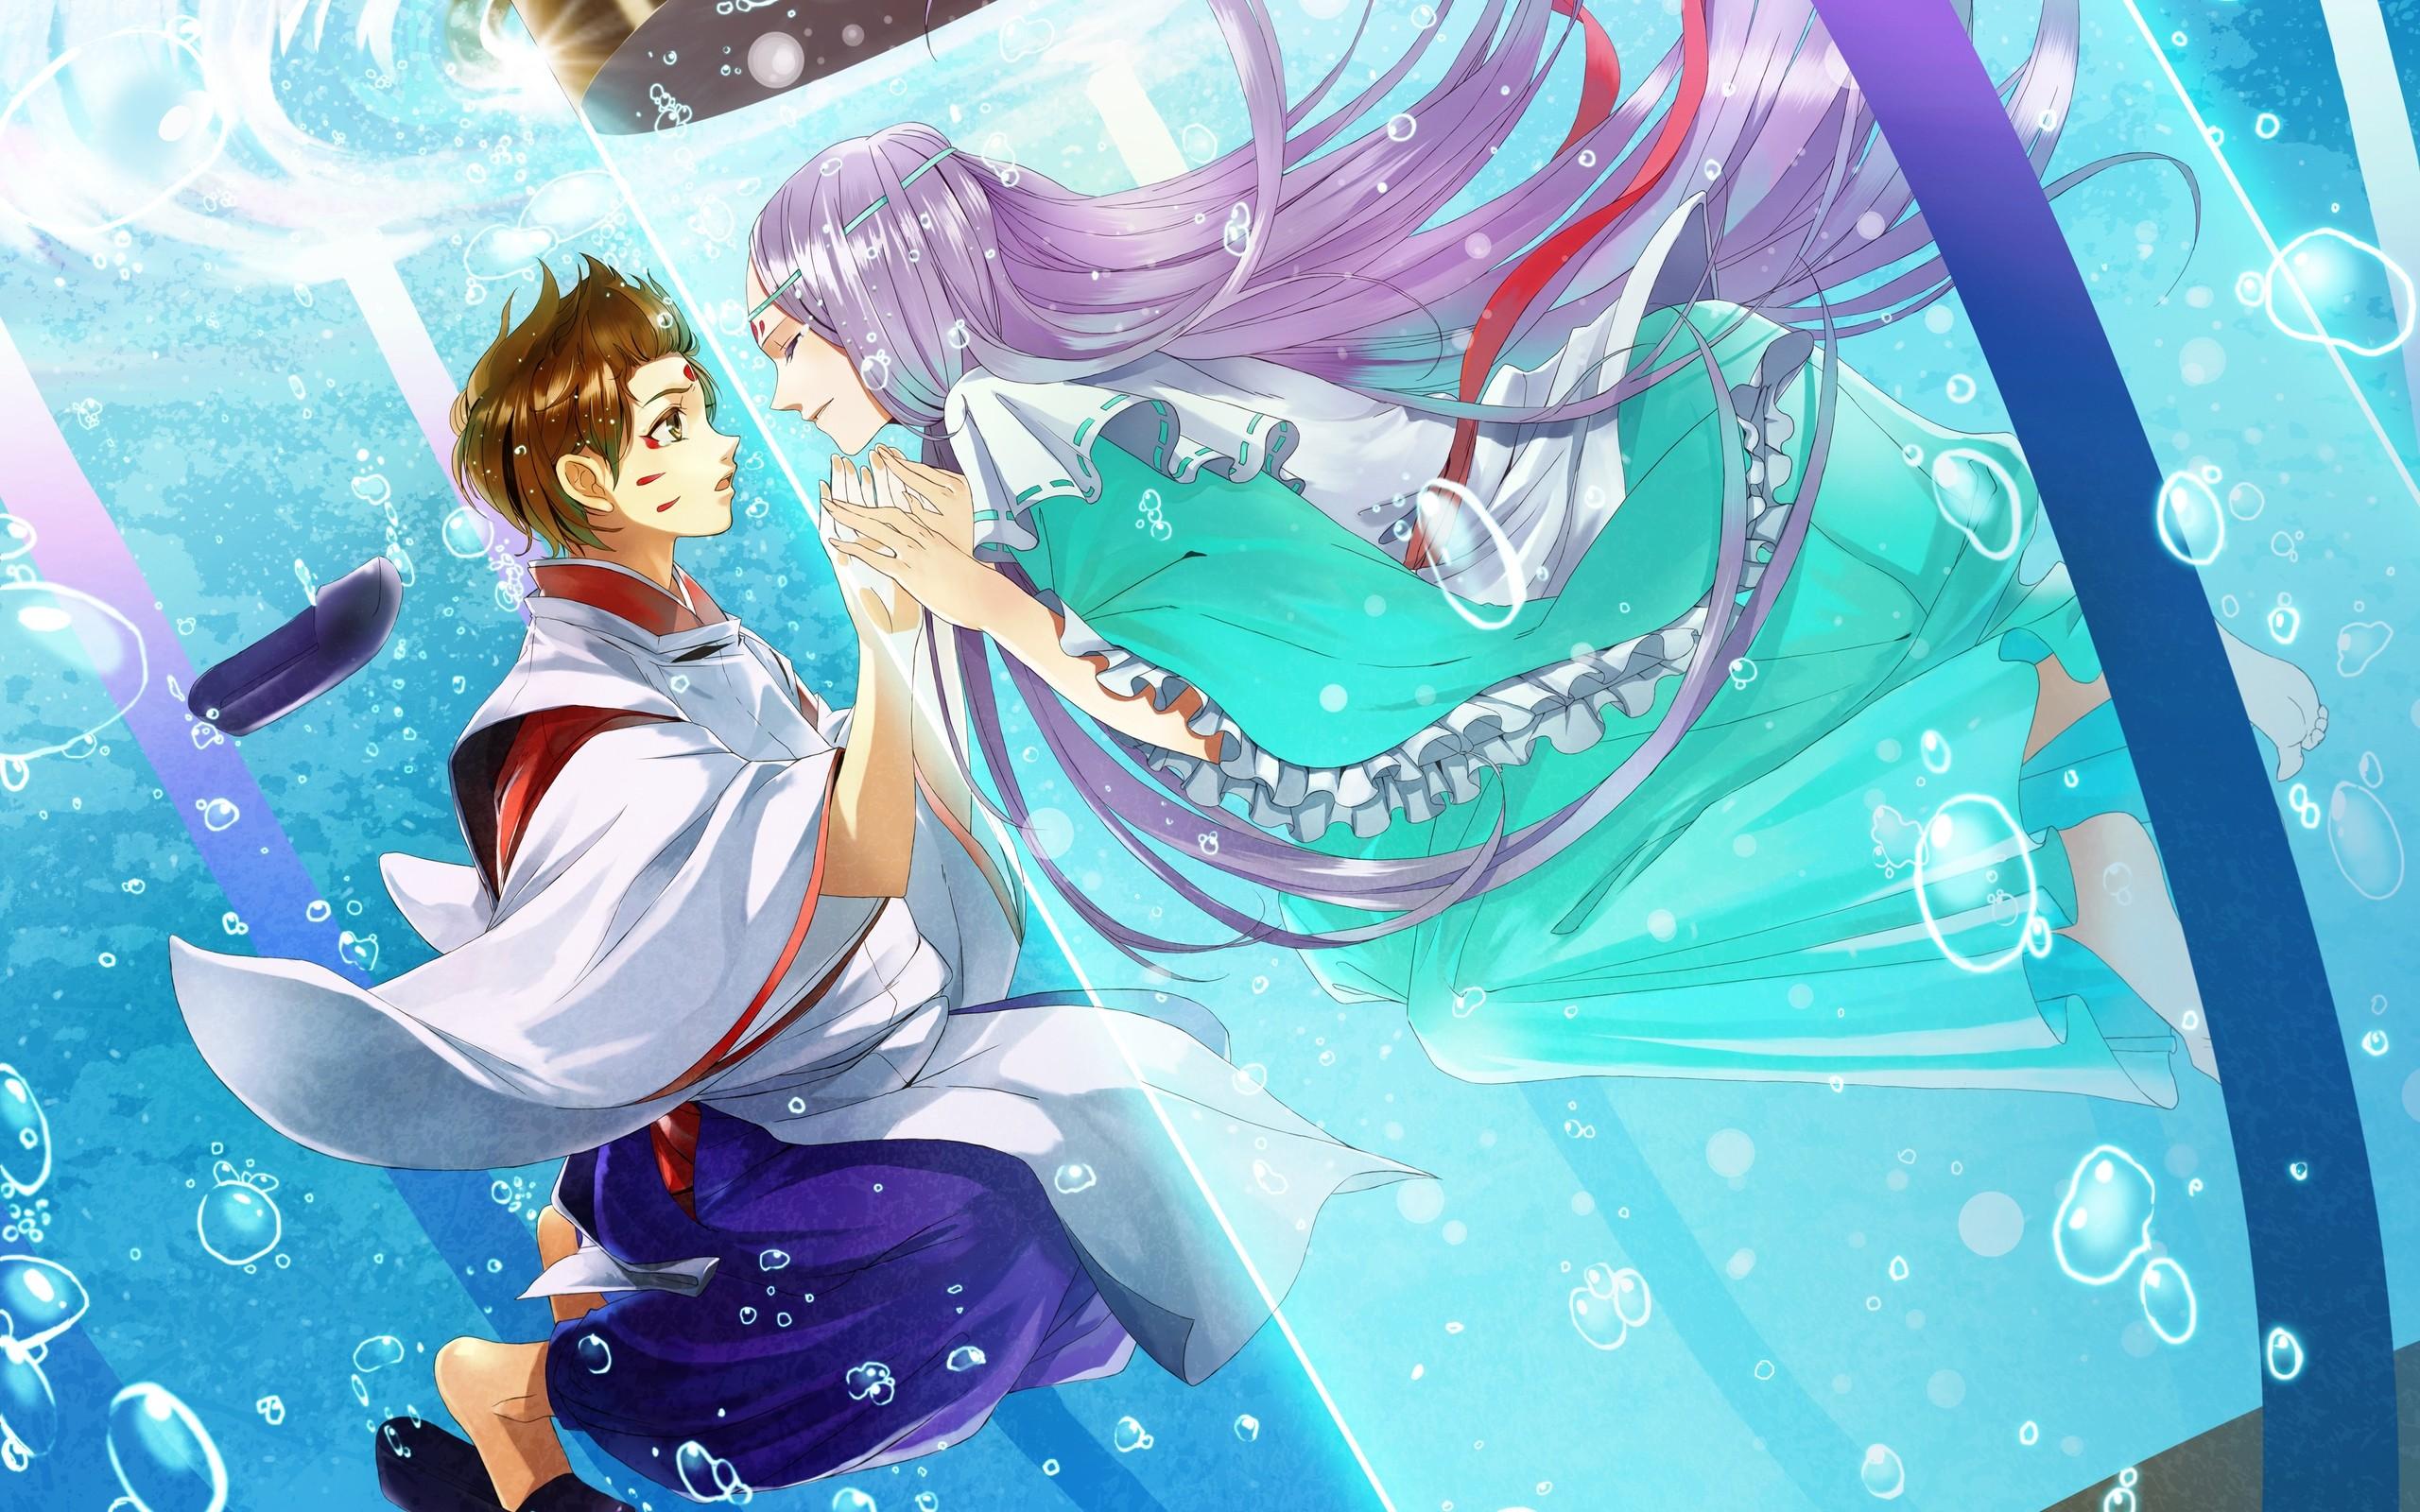 Wallpaper Boy, Girl, Touch, Kimono, Water, Bubbles